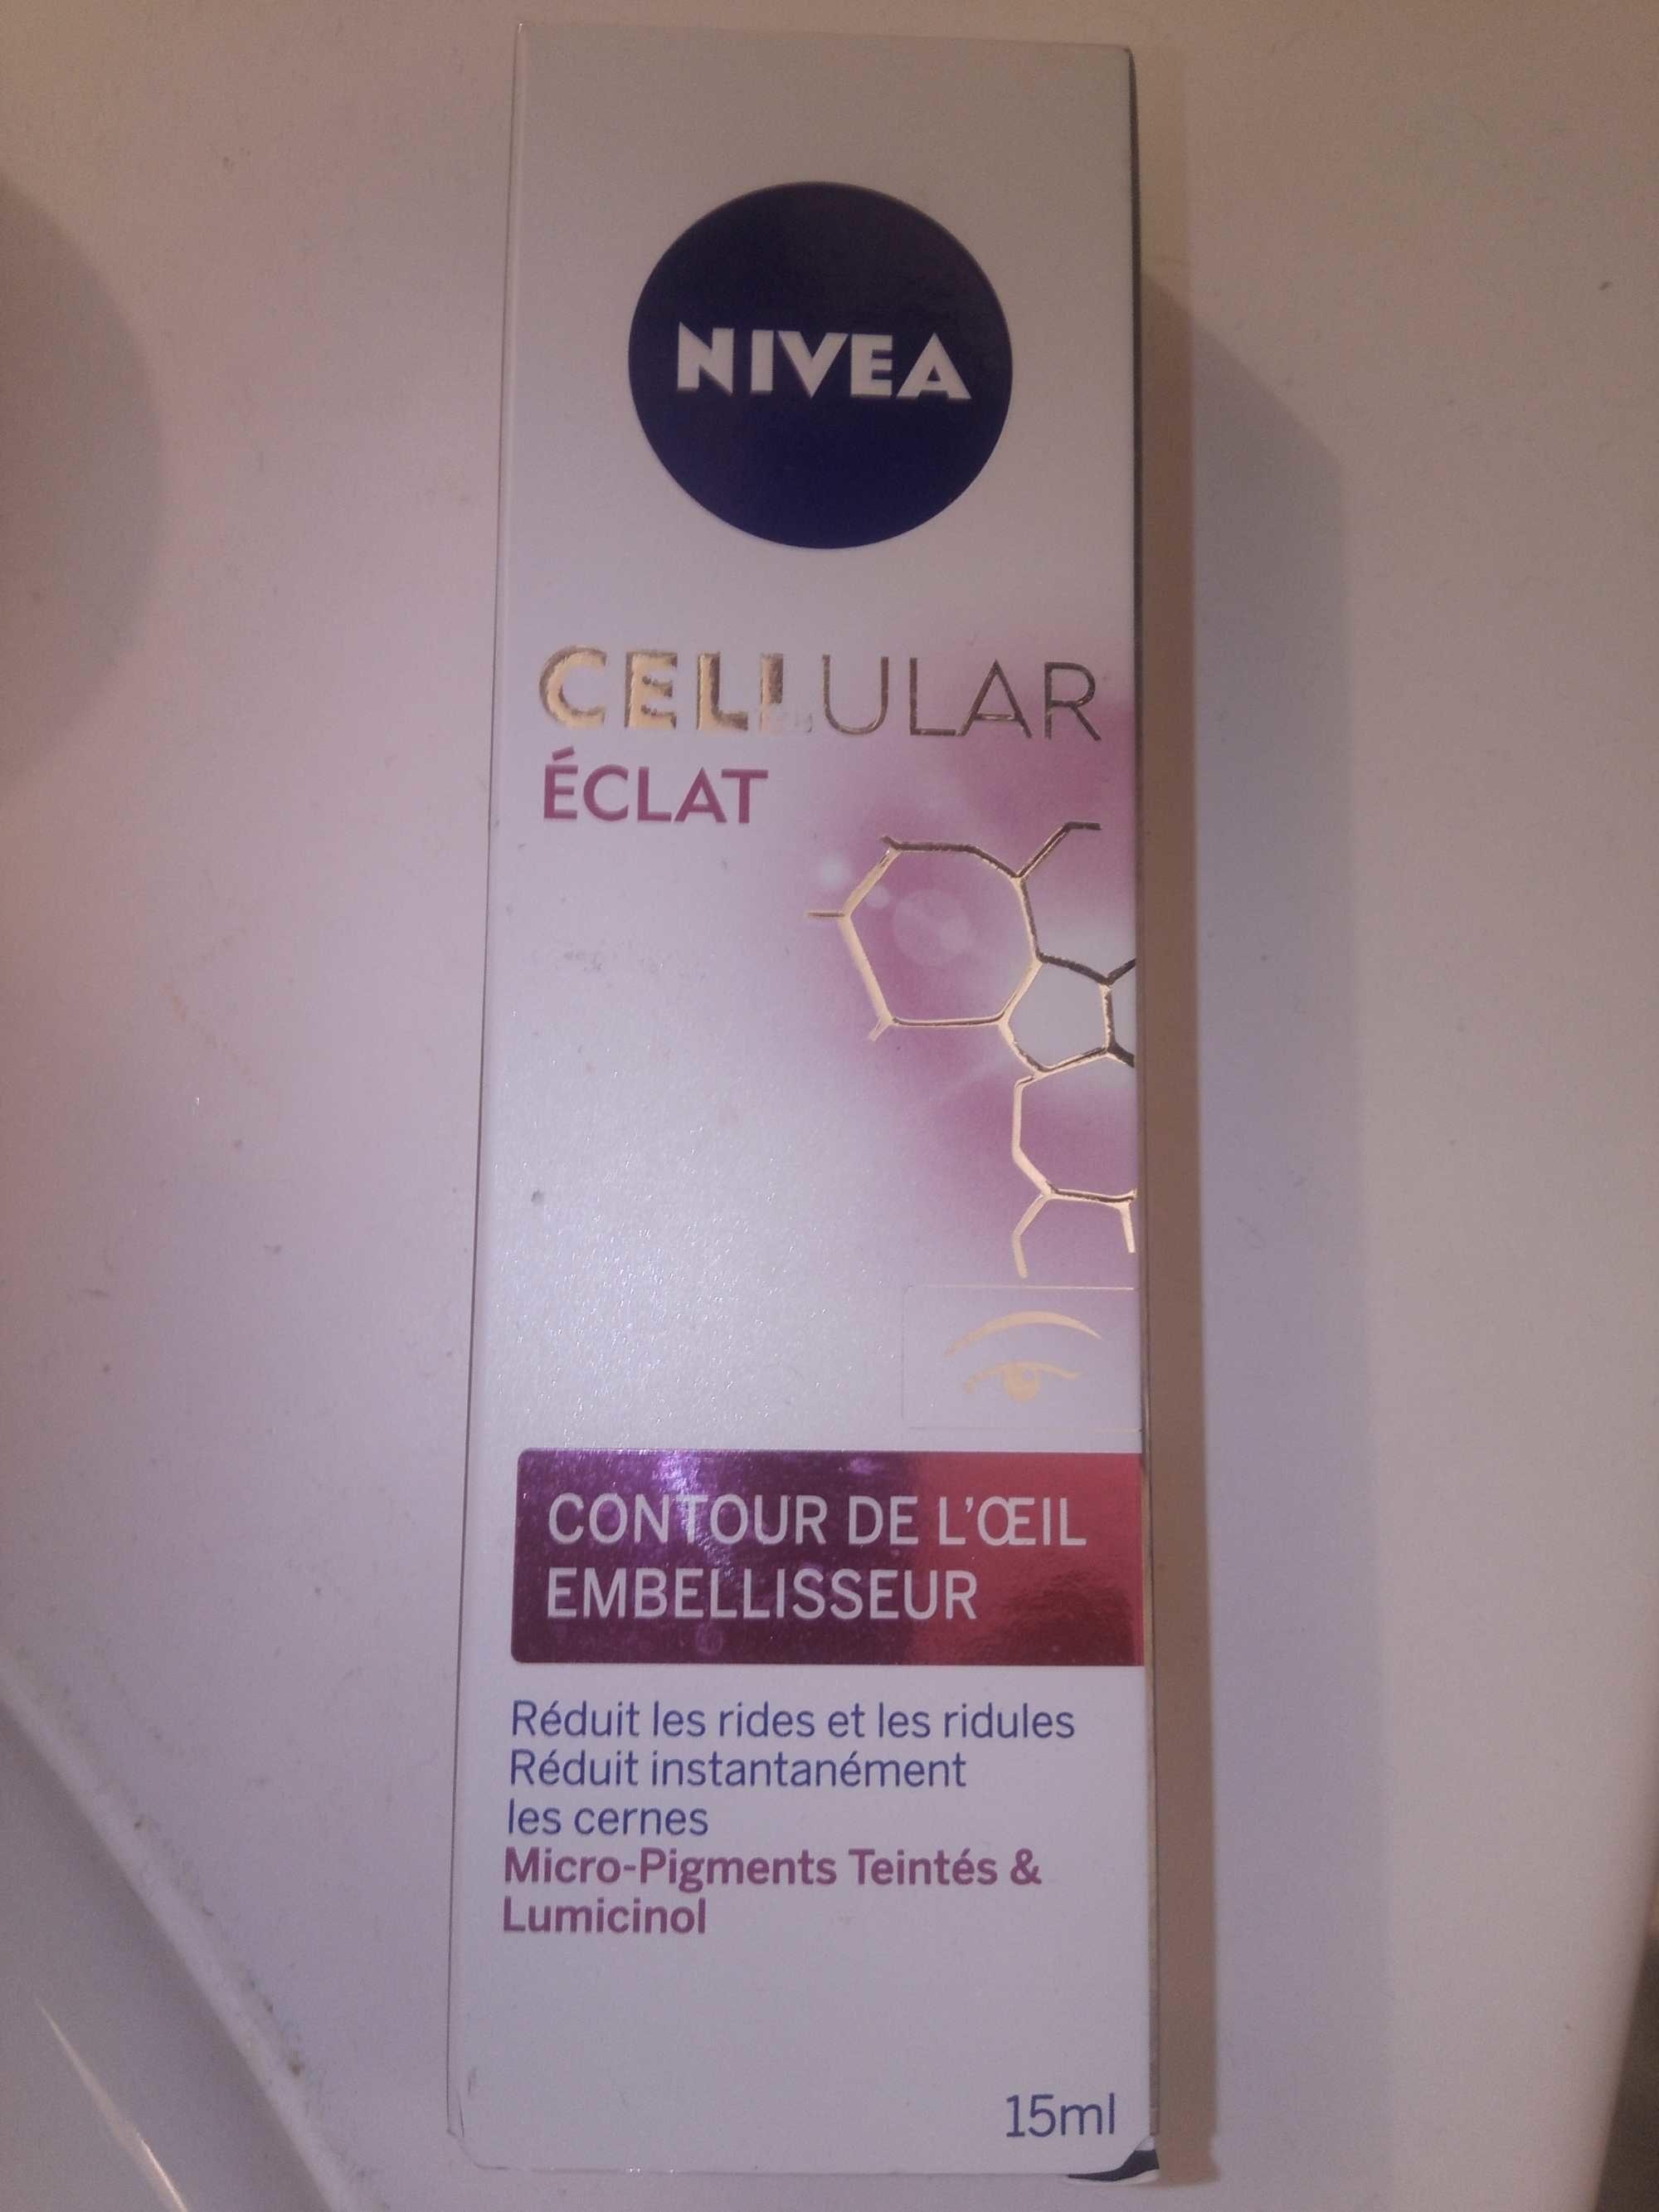 Cellular éclat - Product